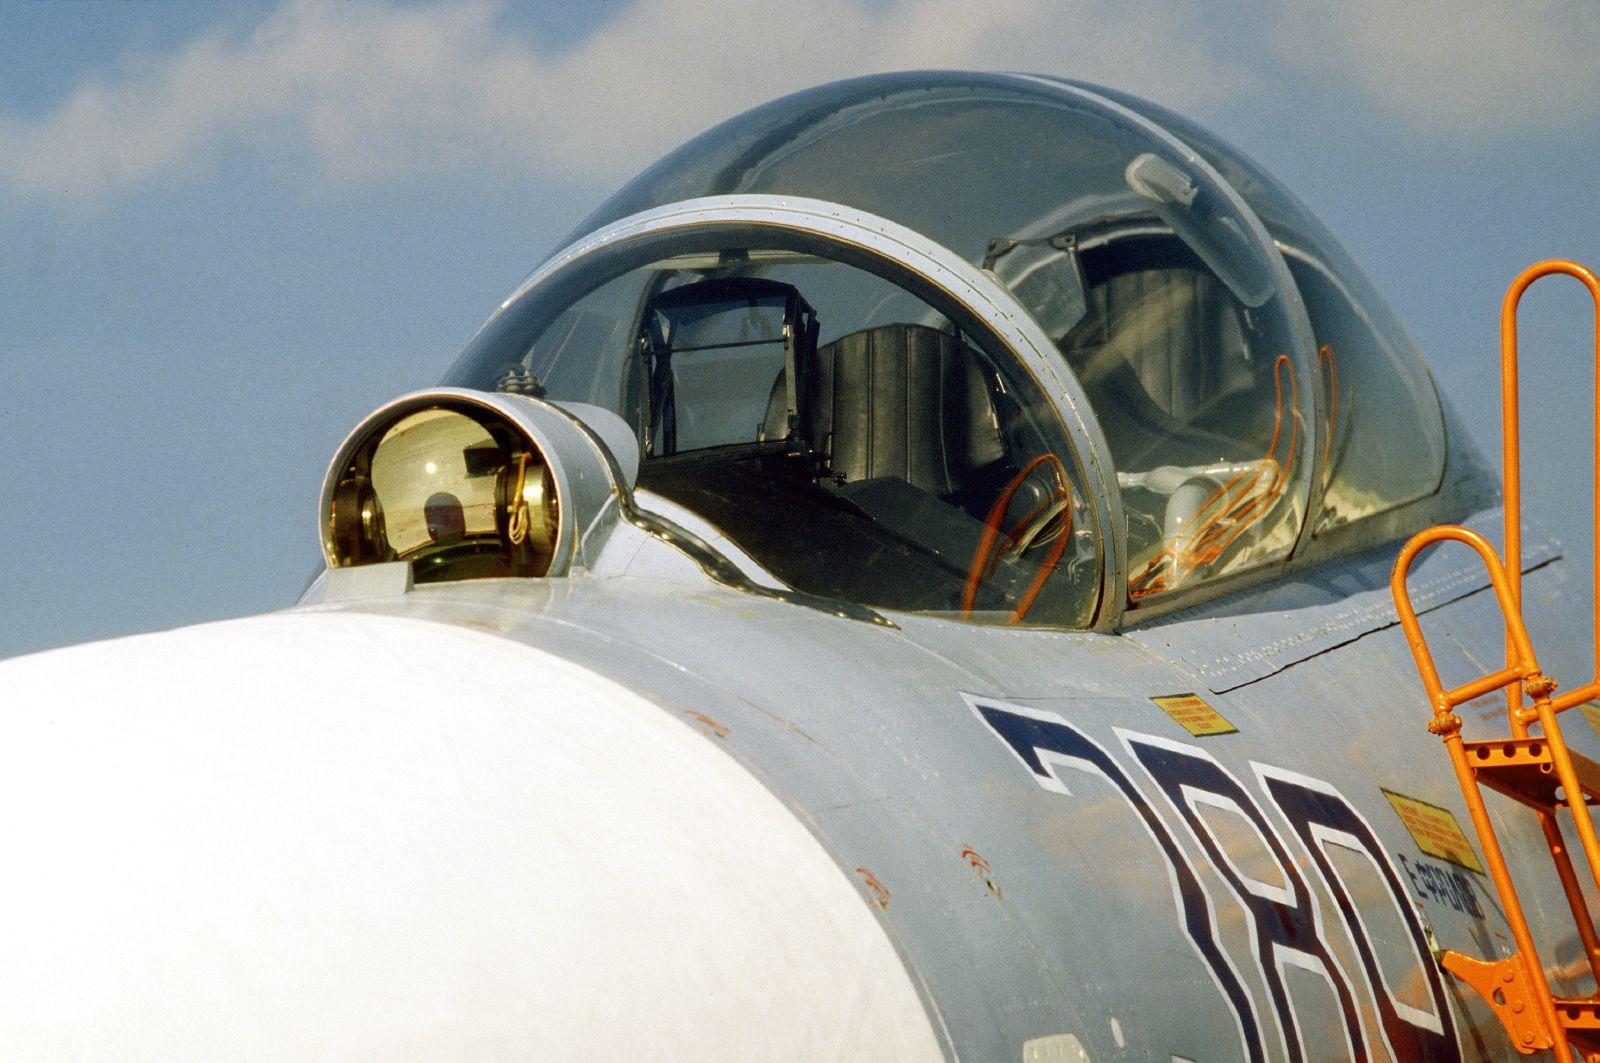 запах блоттере полировка фонаря кокптита модели самолета имеют мужчины